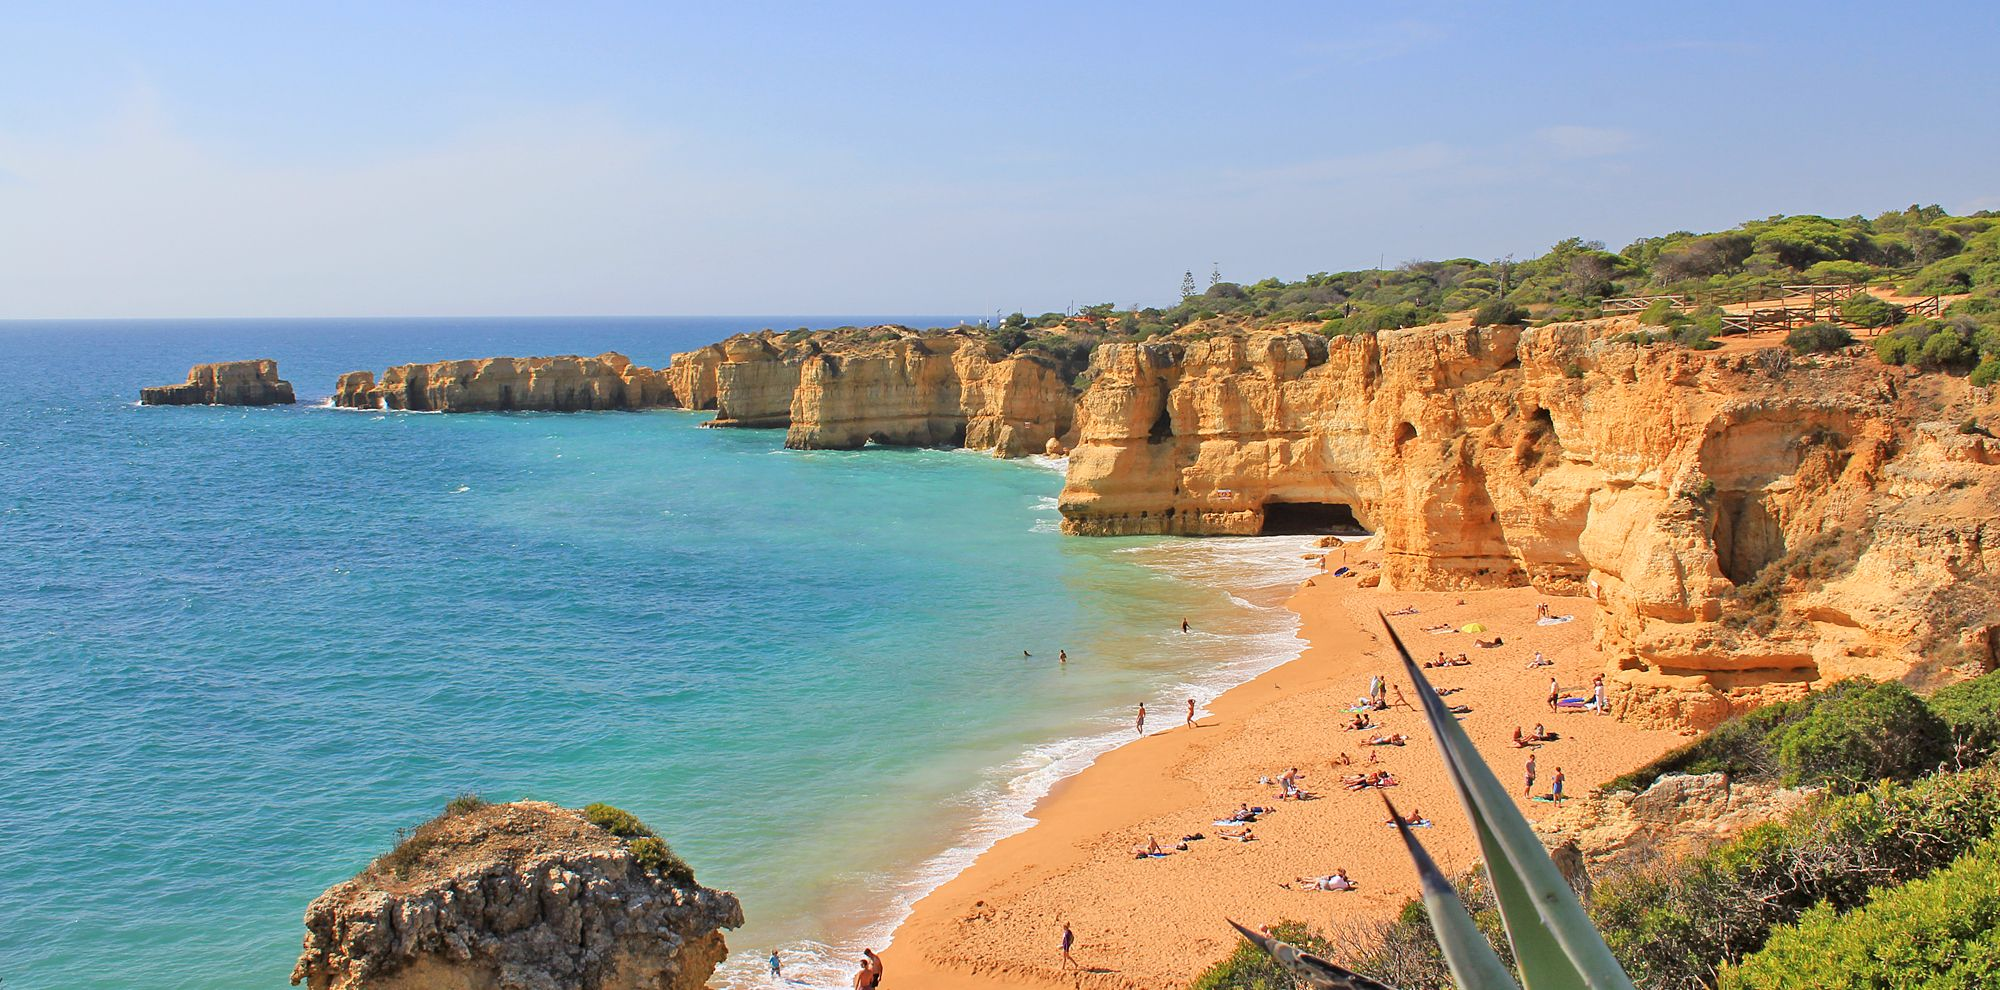 Praia da Coelha - Strand von Coelha 3